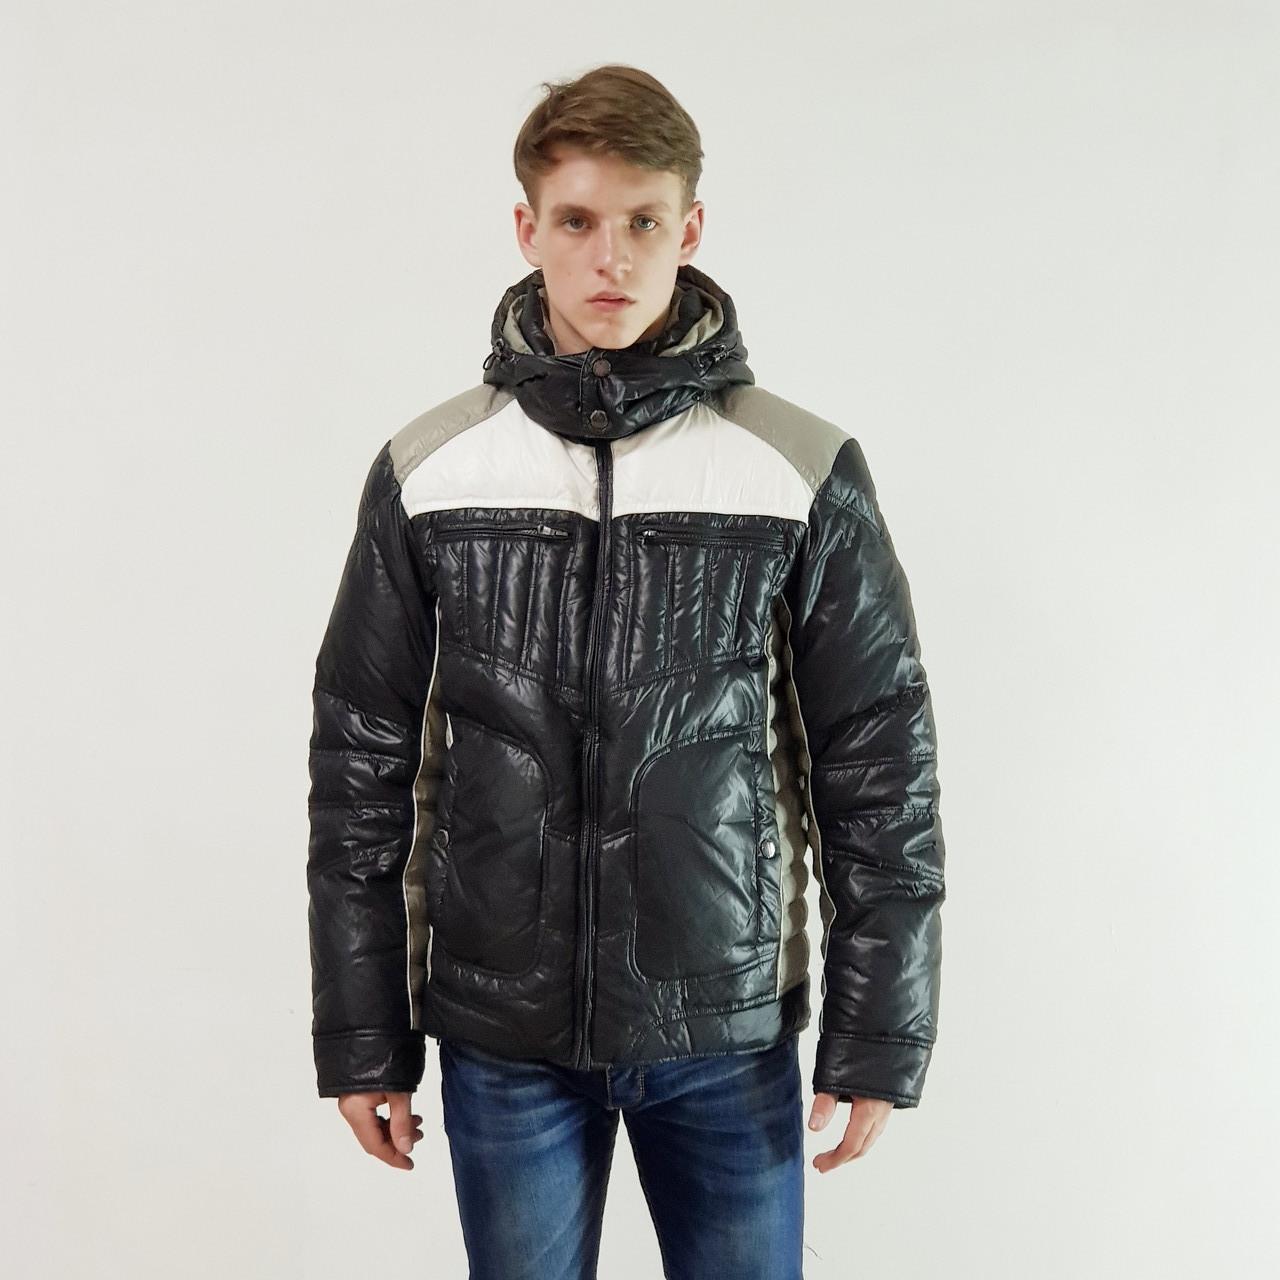 Куртка мужская зимняя Snowimage 50 черный 126-91